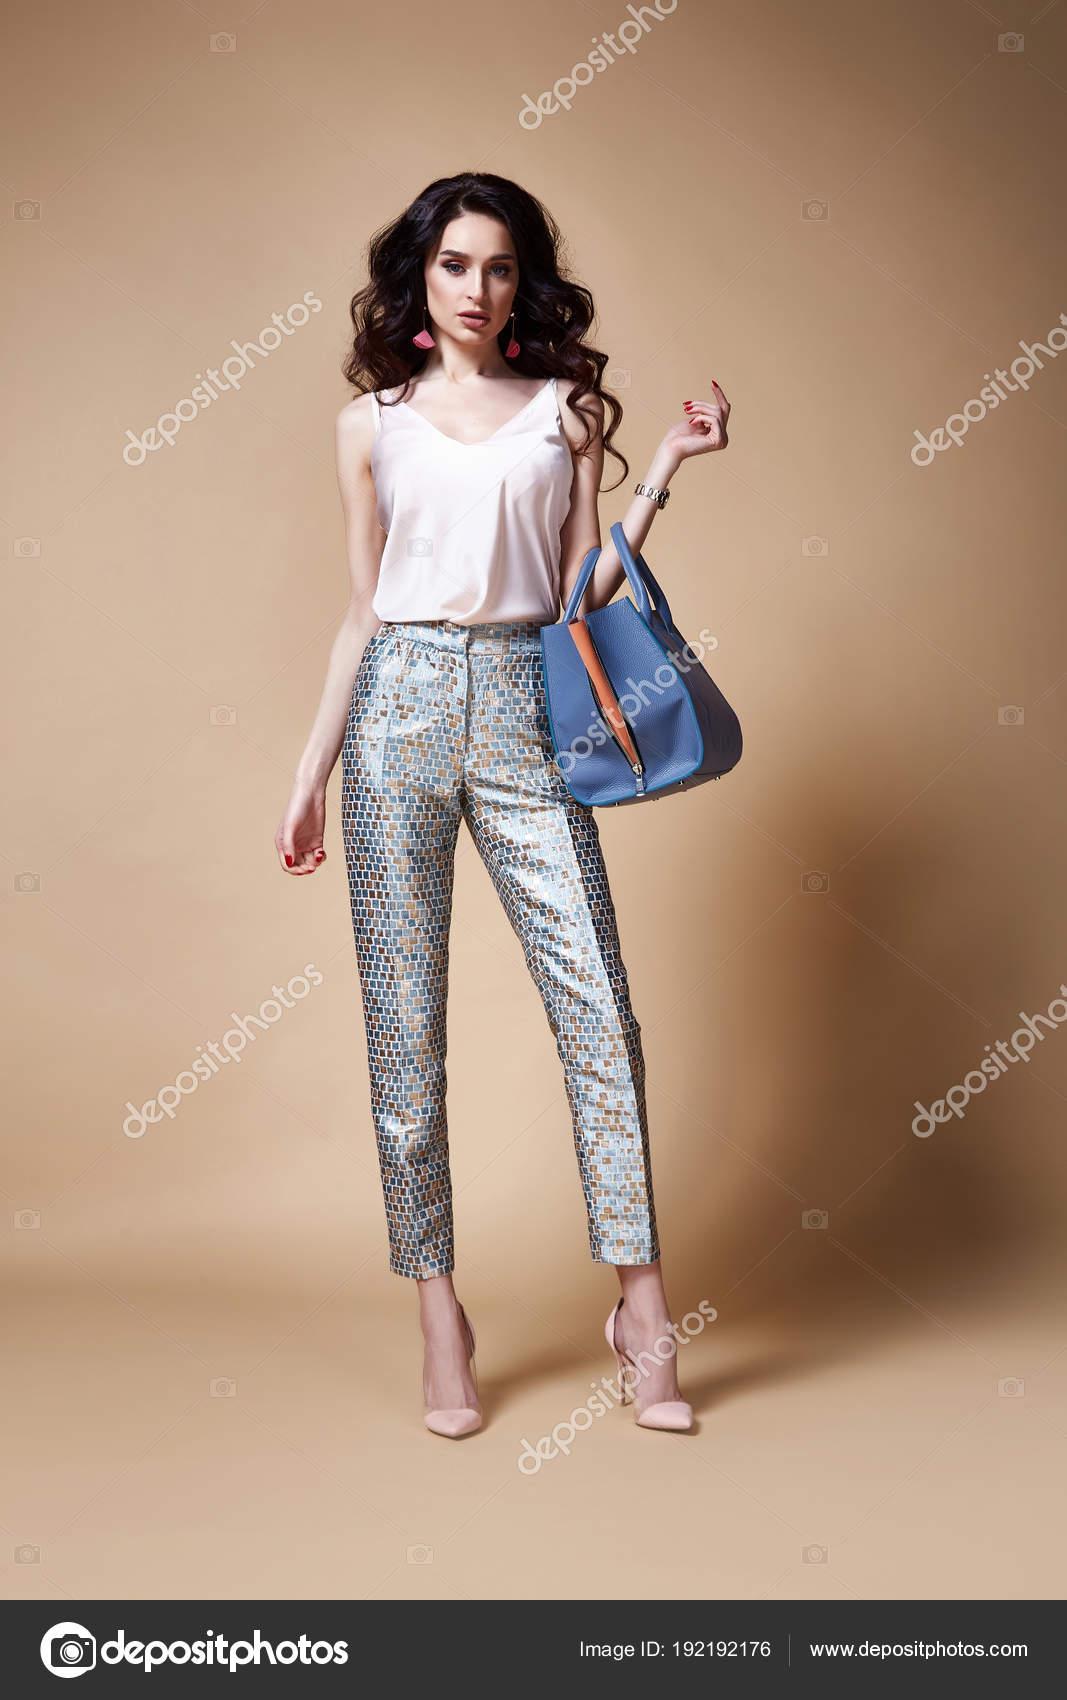 Sexy hermosa mujer glamour modelo morena pelo maquillaje ropa blusa de seda pantalones  ropa para cada día fiesta casual estilo bolsa de accesorios joyería ... 2be470337e68